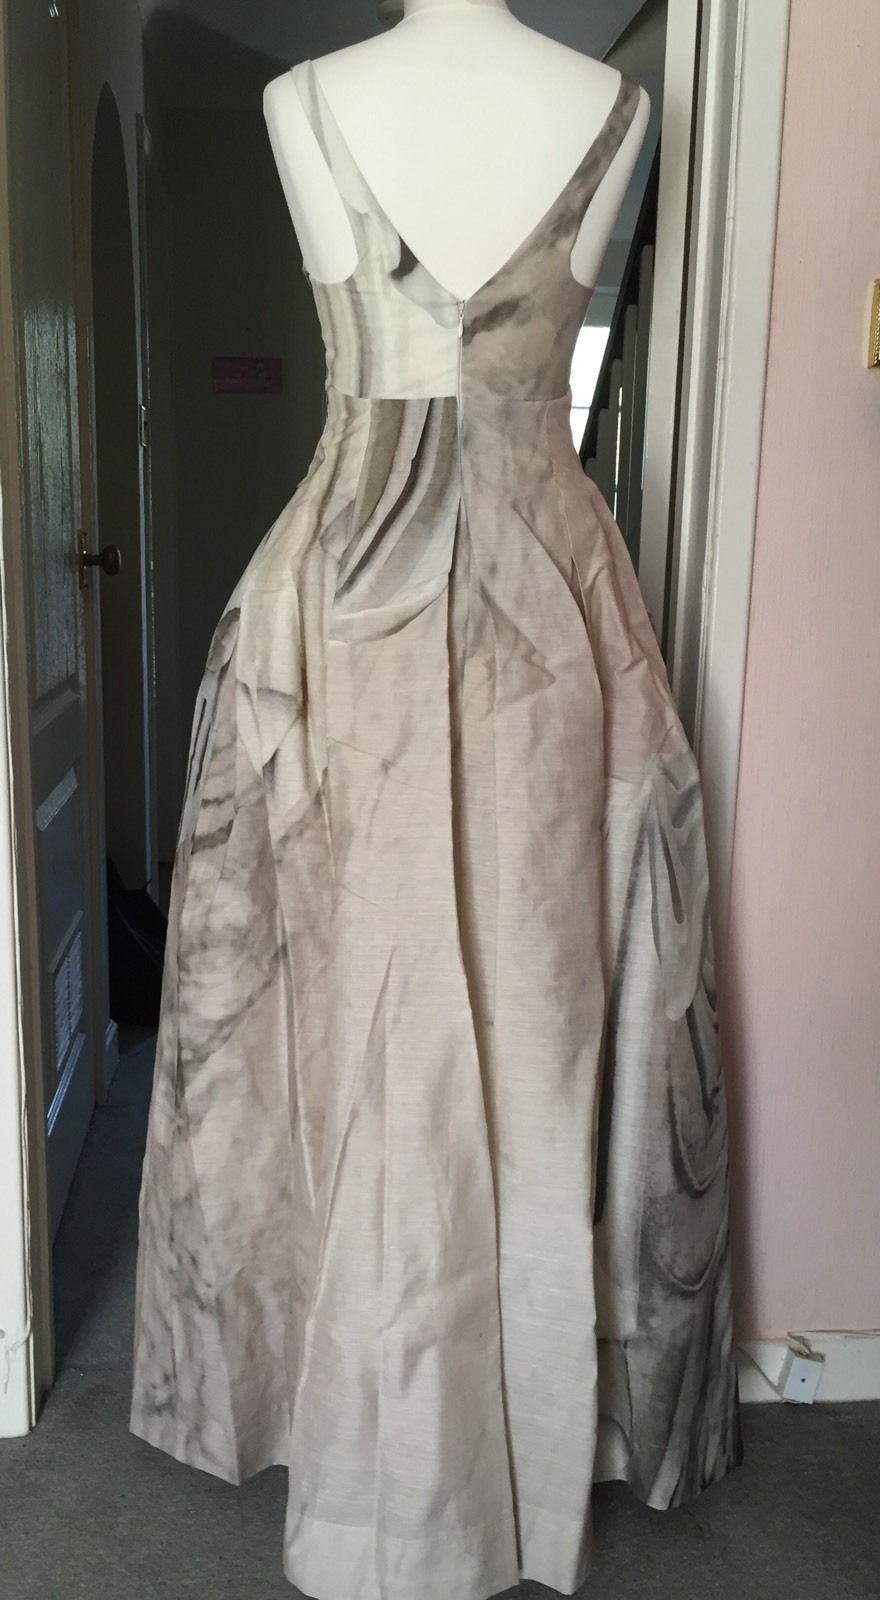 Dokonalé spoločenské svadobné boho šaty Hodváb+ľan - Obrázok č. 4